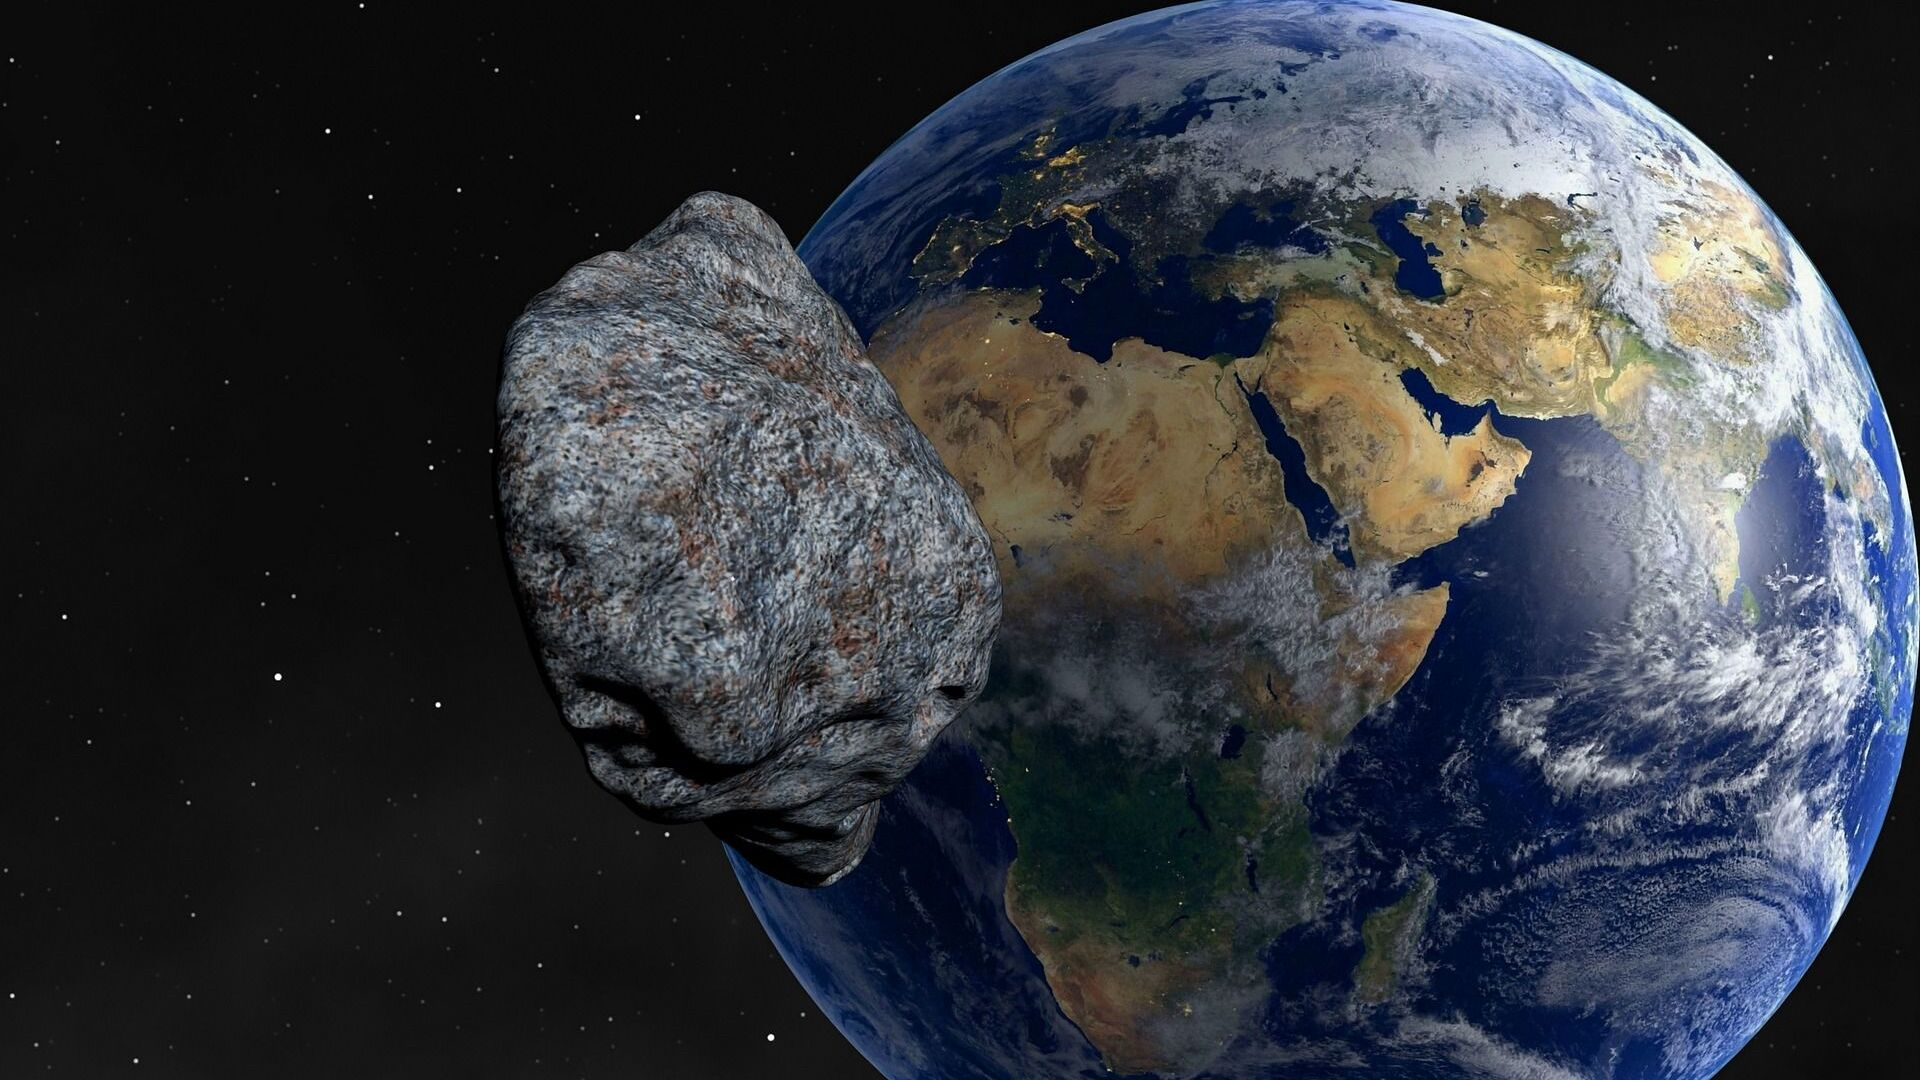 Un asteroide si sta dirigendo verso la Terra - Sputnik Italia, 1920, 30.06.2021